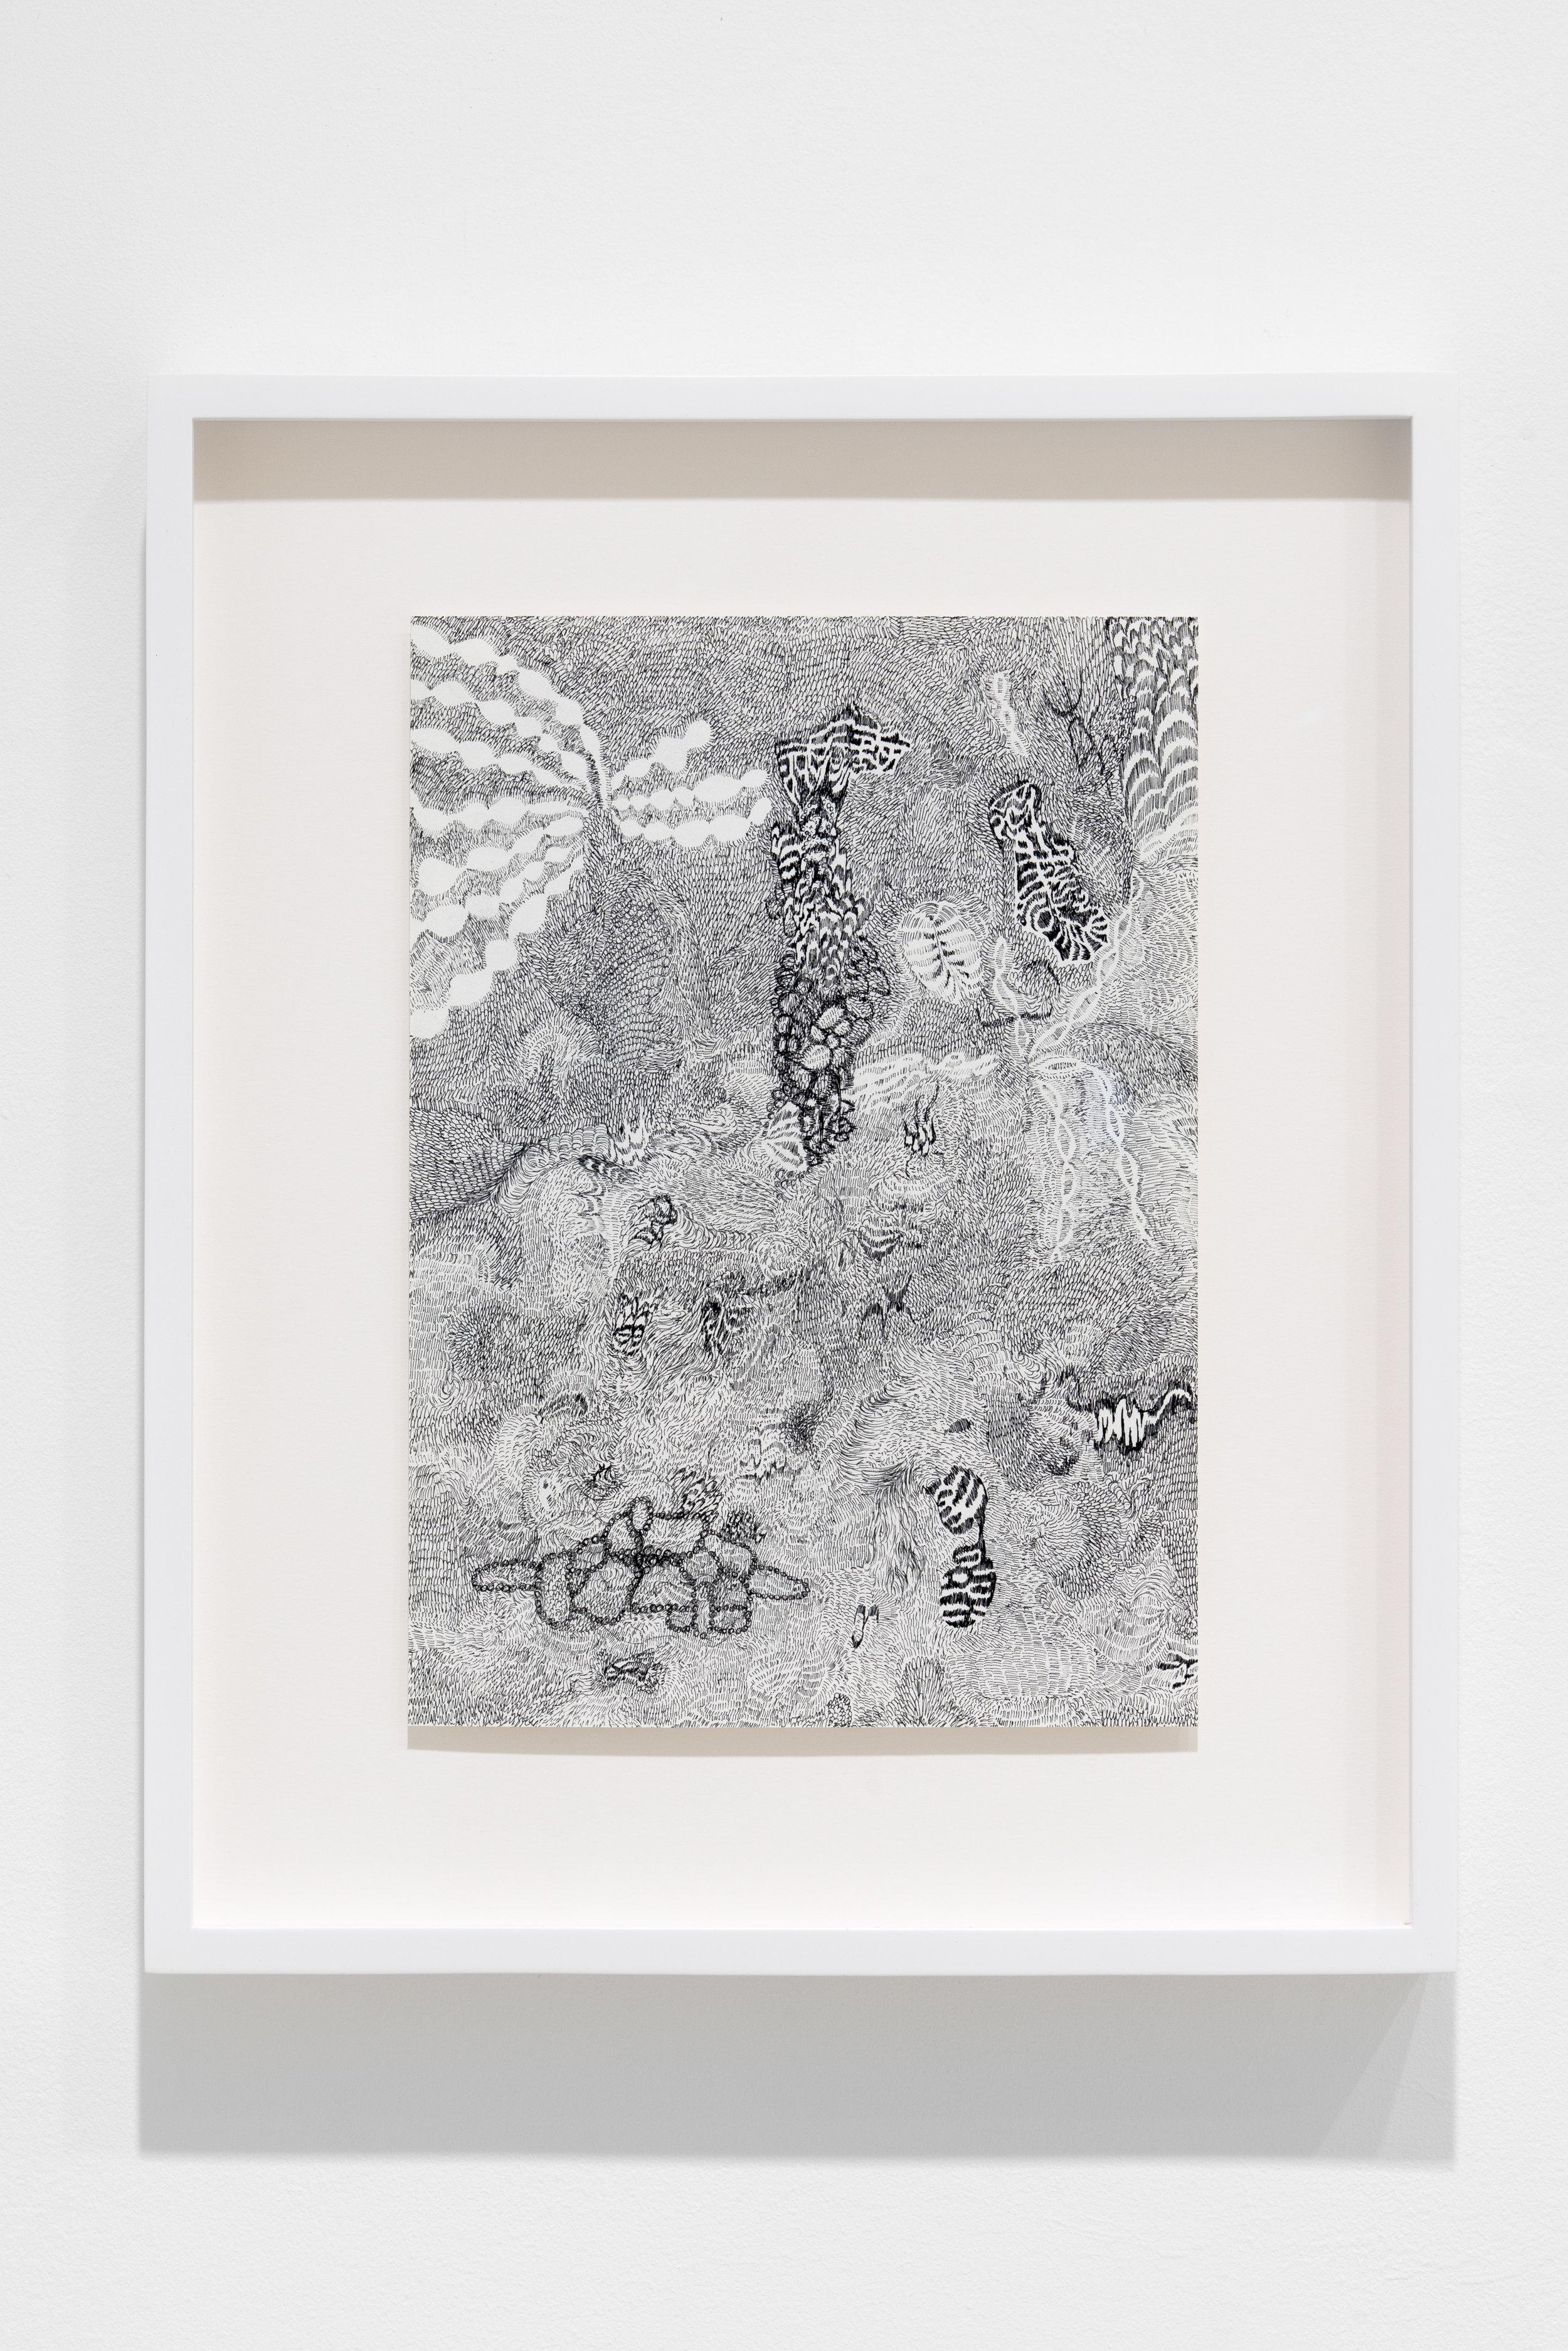 GalerieHuguesCharbonneauAvril2019 (14 of 19).jpg